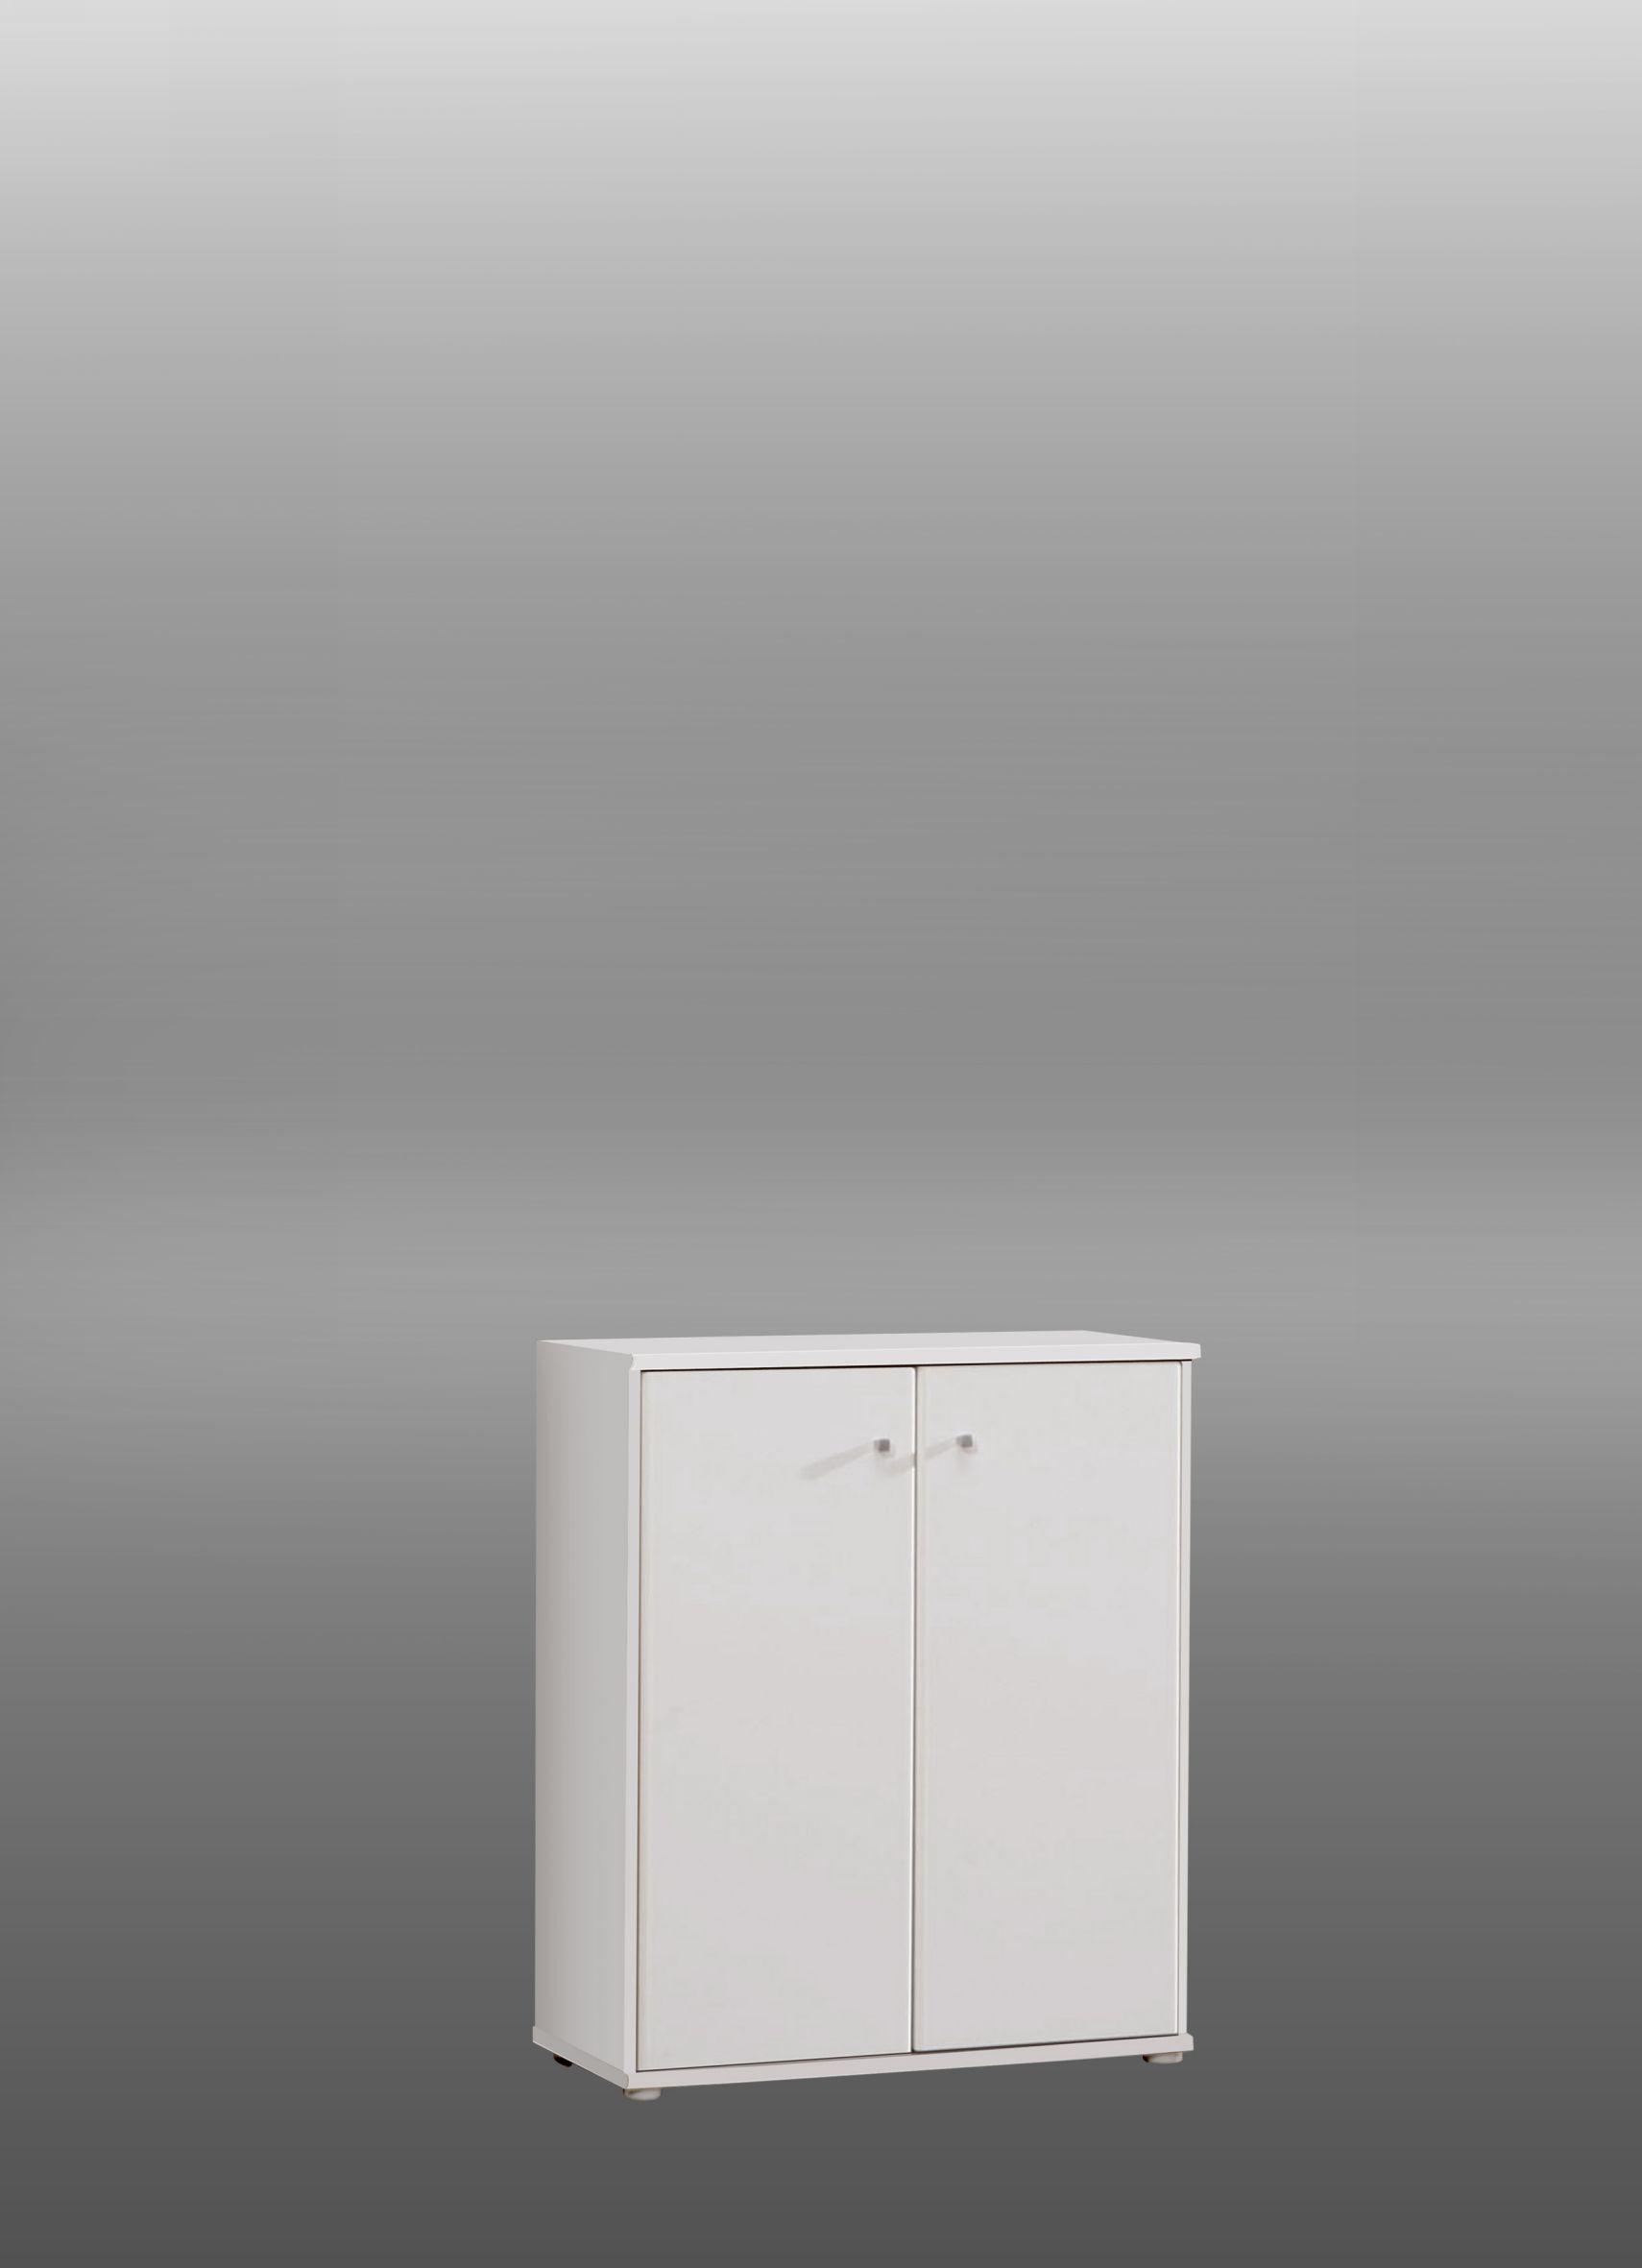 Kommode Tempra 2-türig Weiß